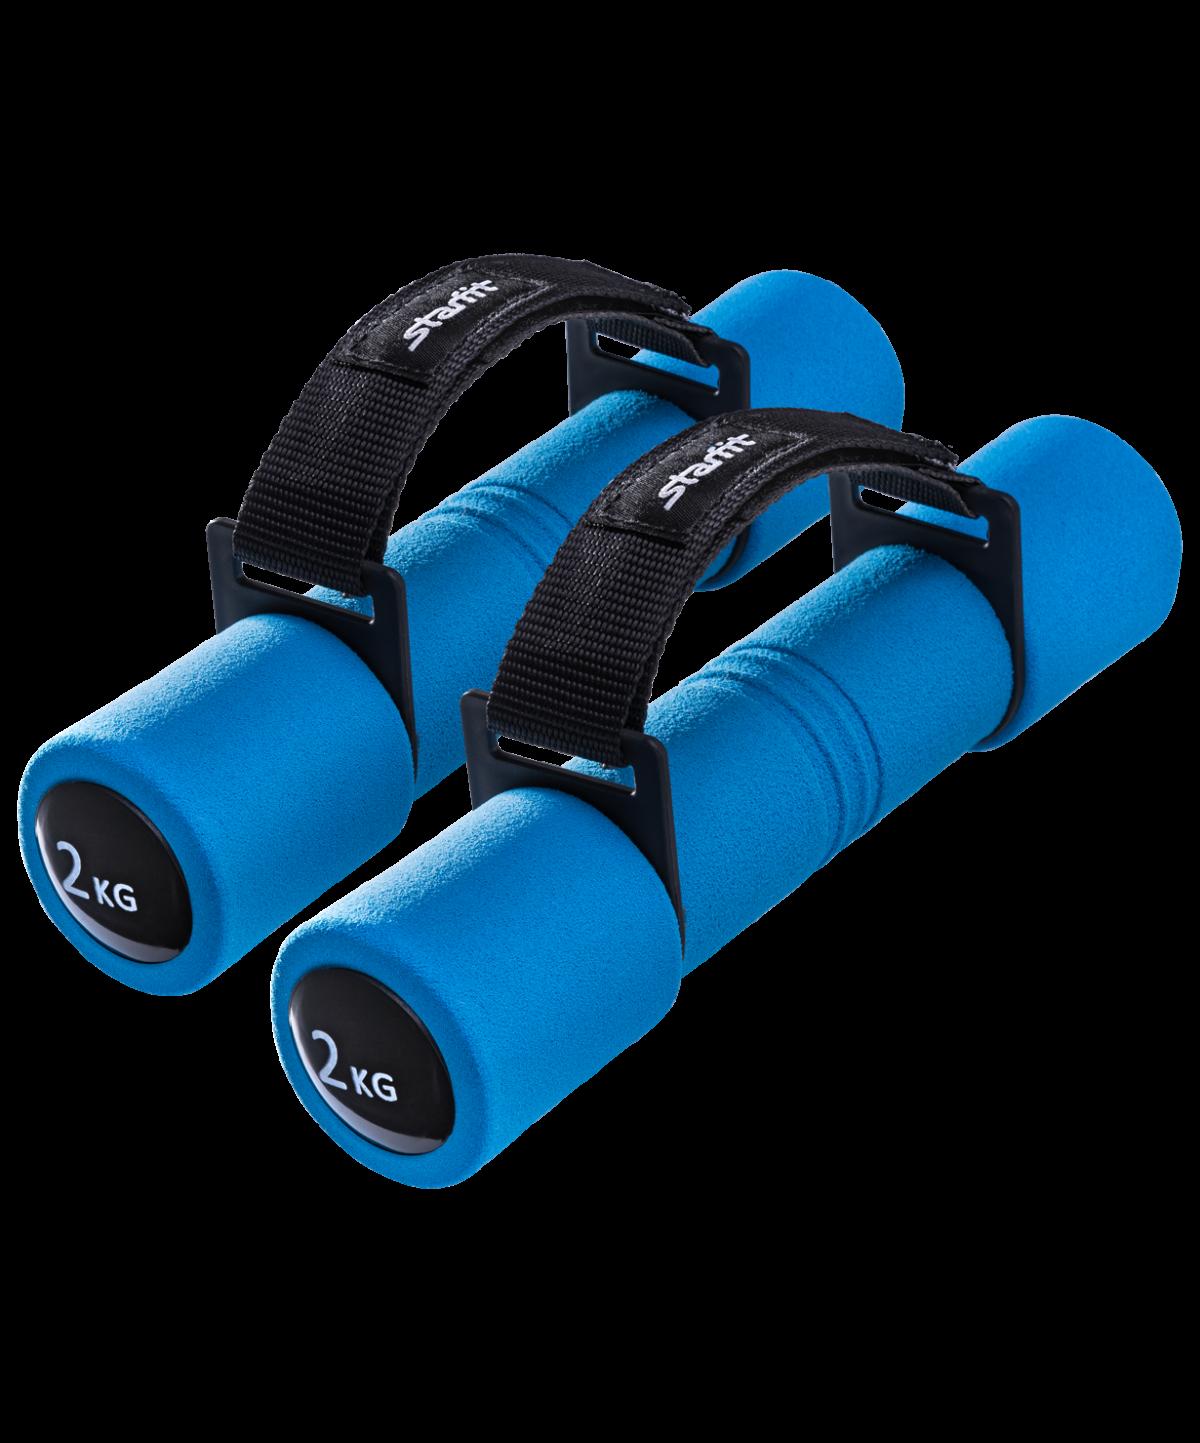 STARFIT Гантель неопреновая, 2 кг, синяя, пара DB-203 - 1